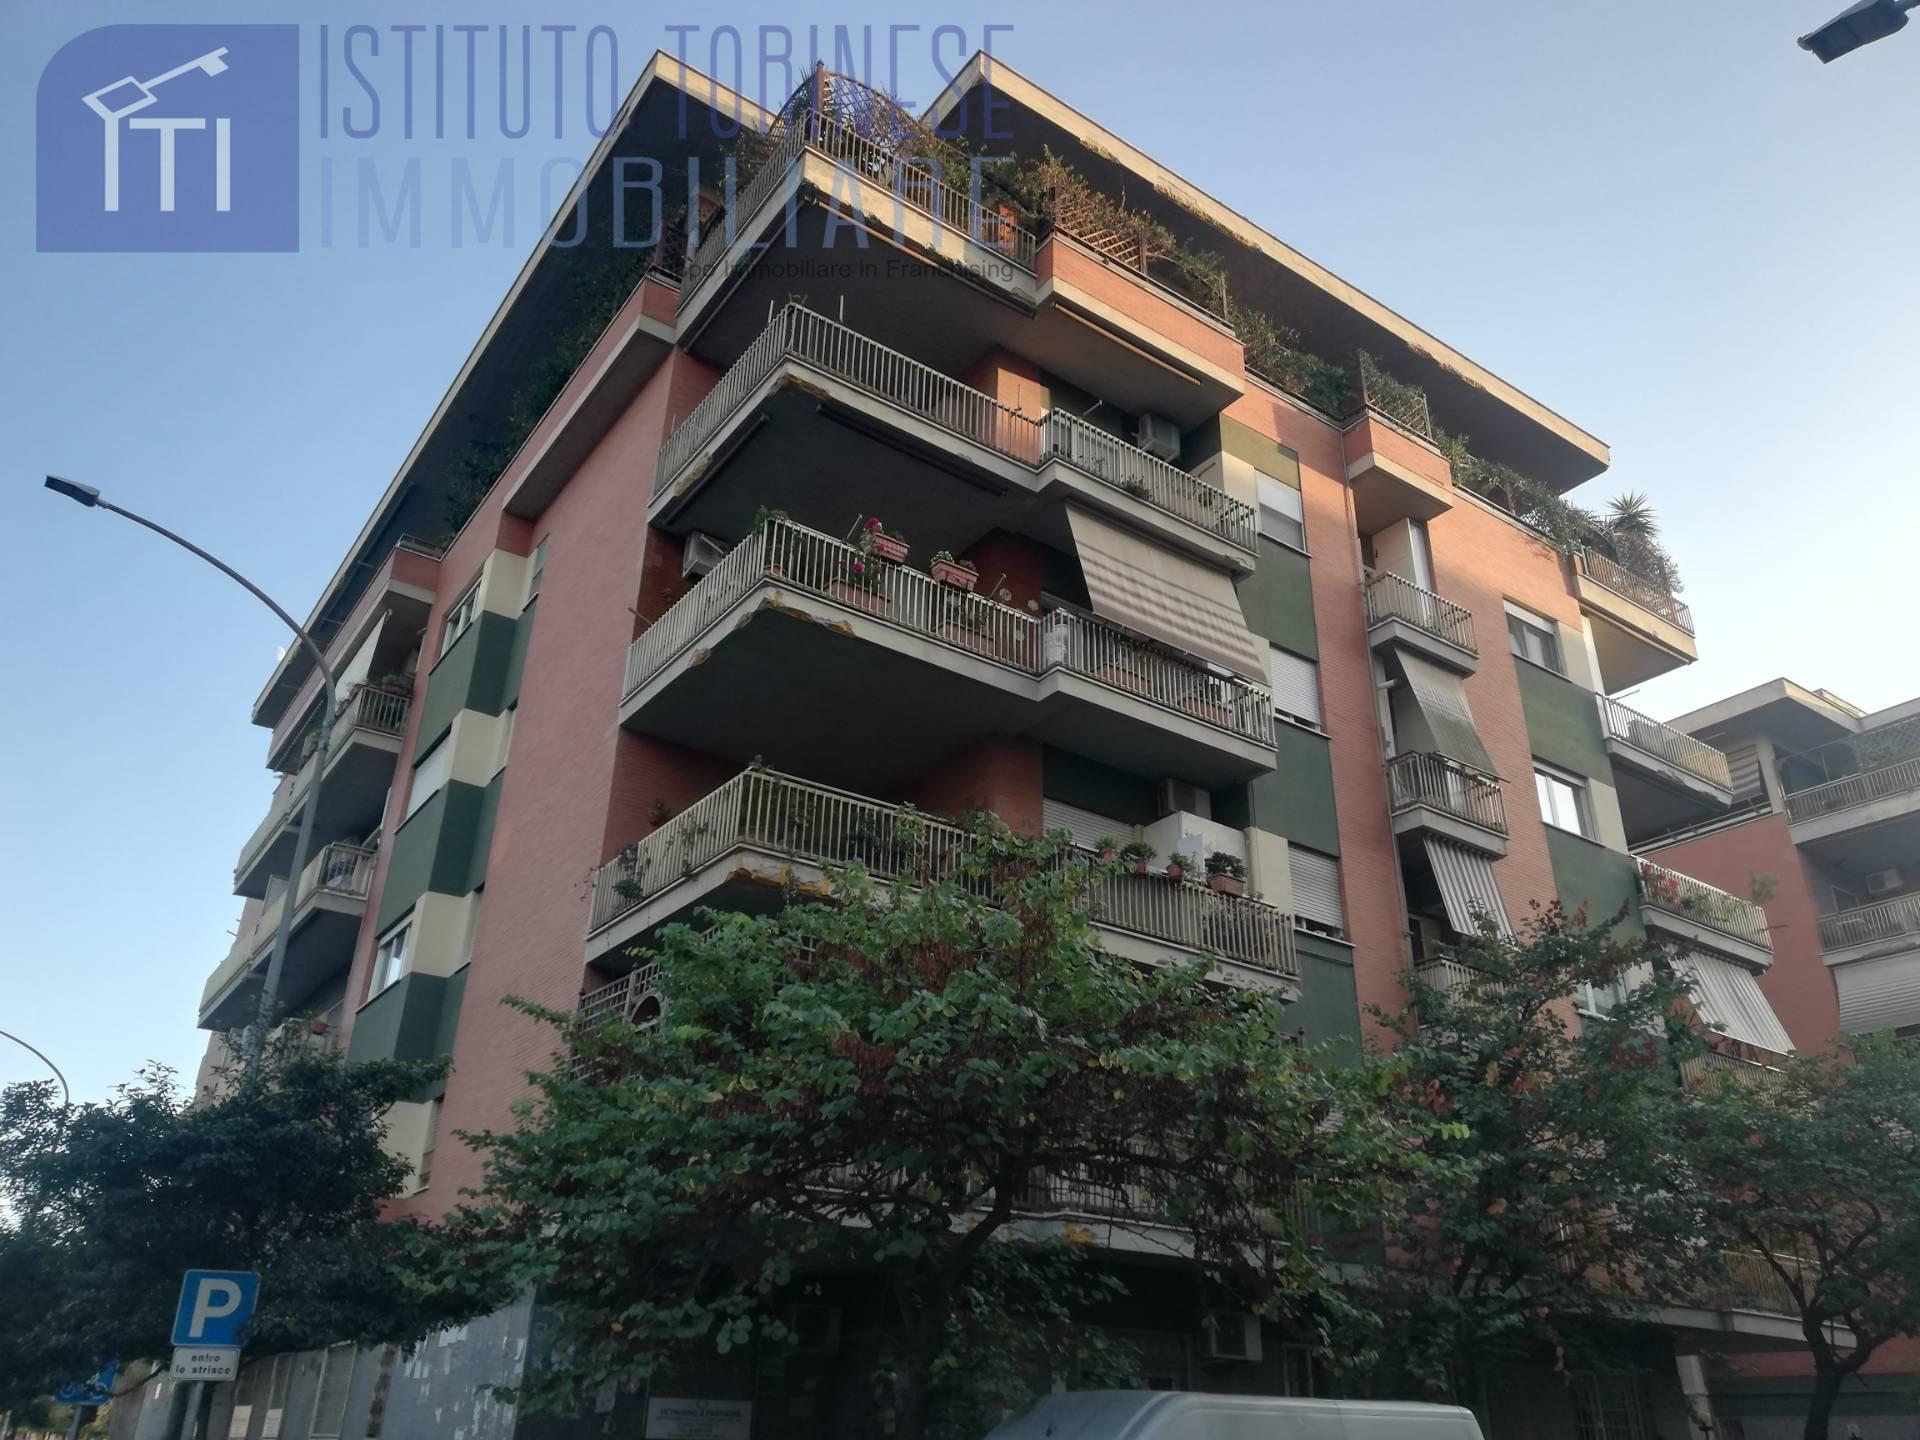 roma vendita quart: ostia/ostia antica istituto torinese immobiliare